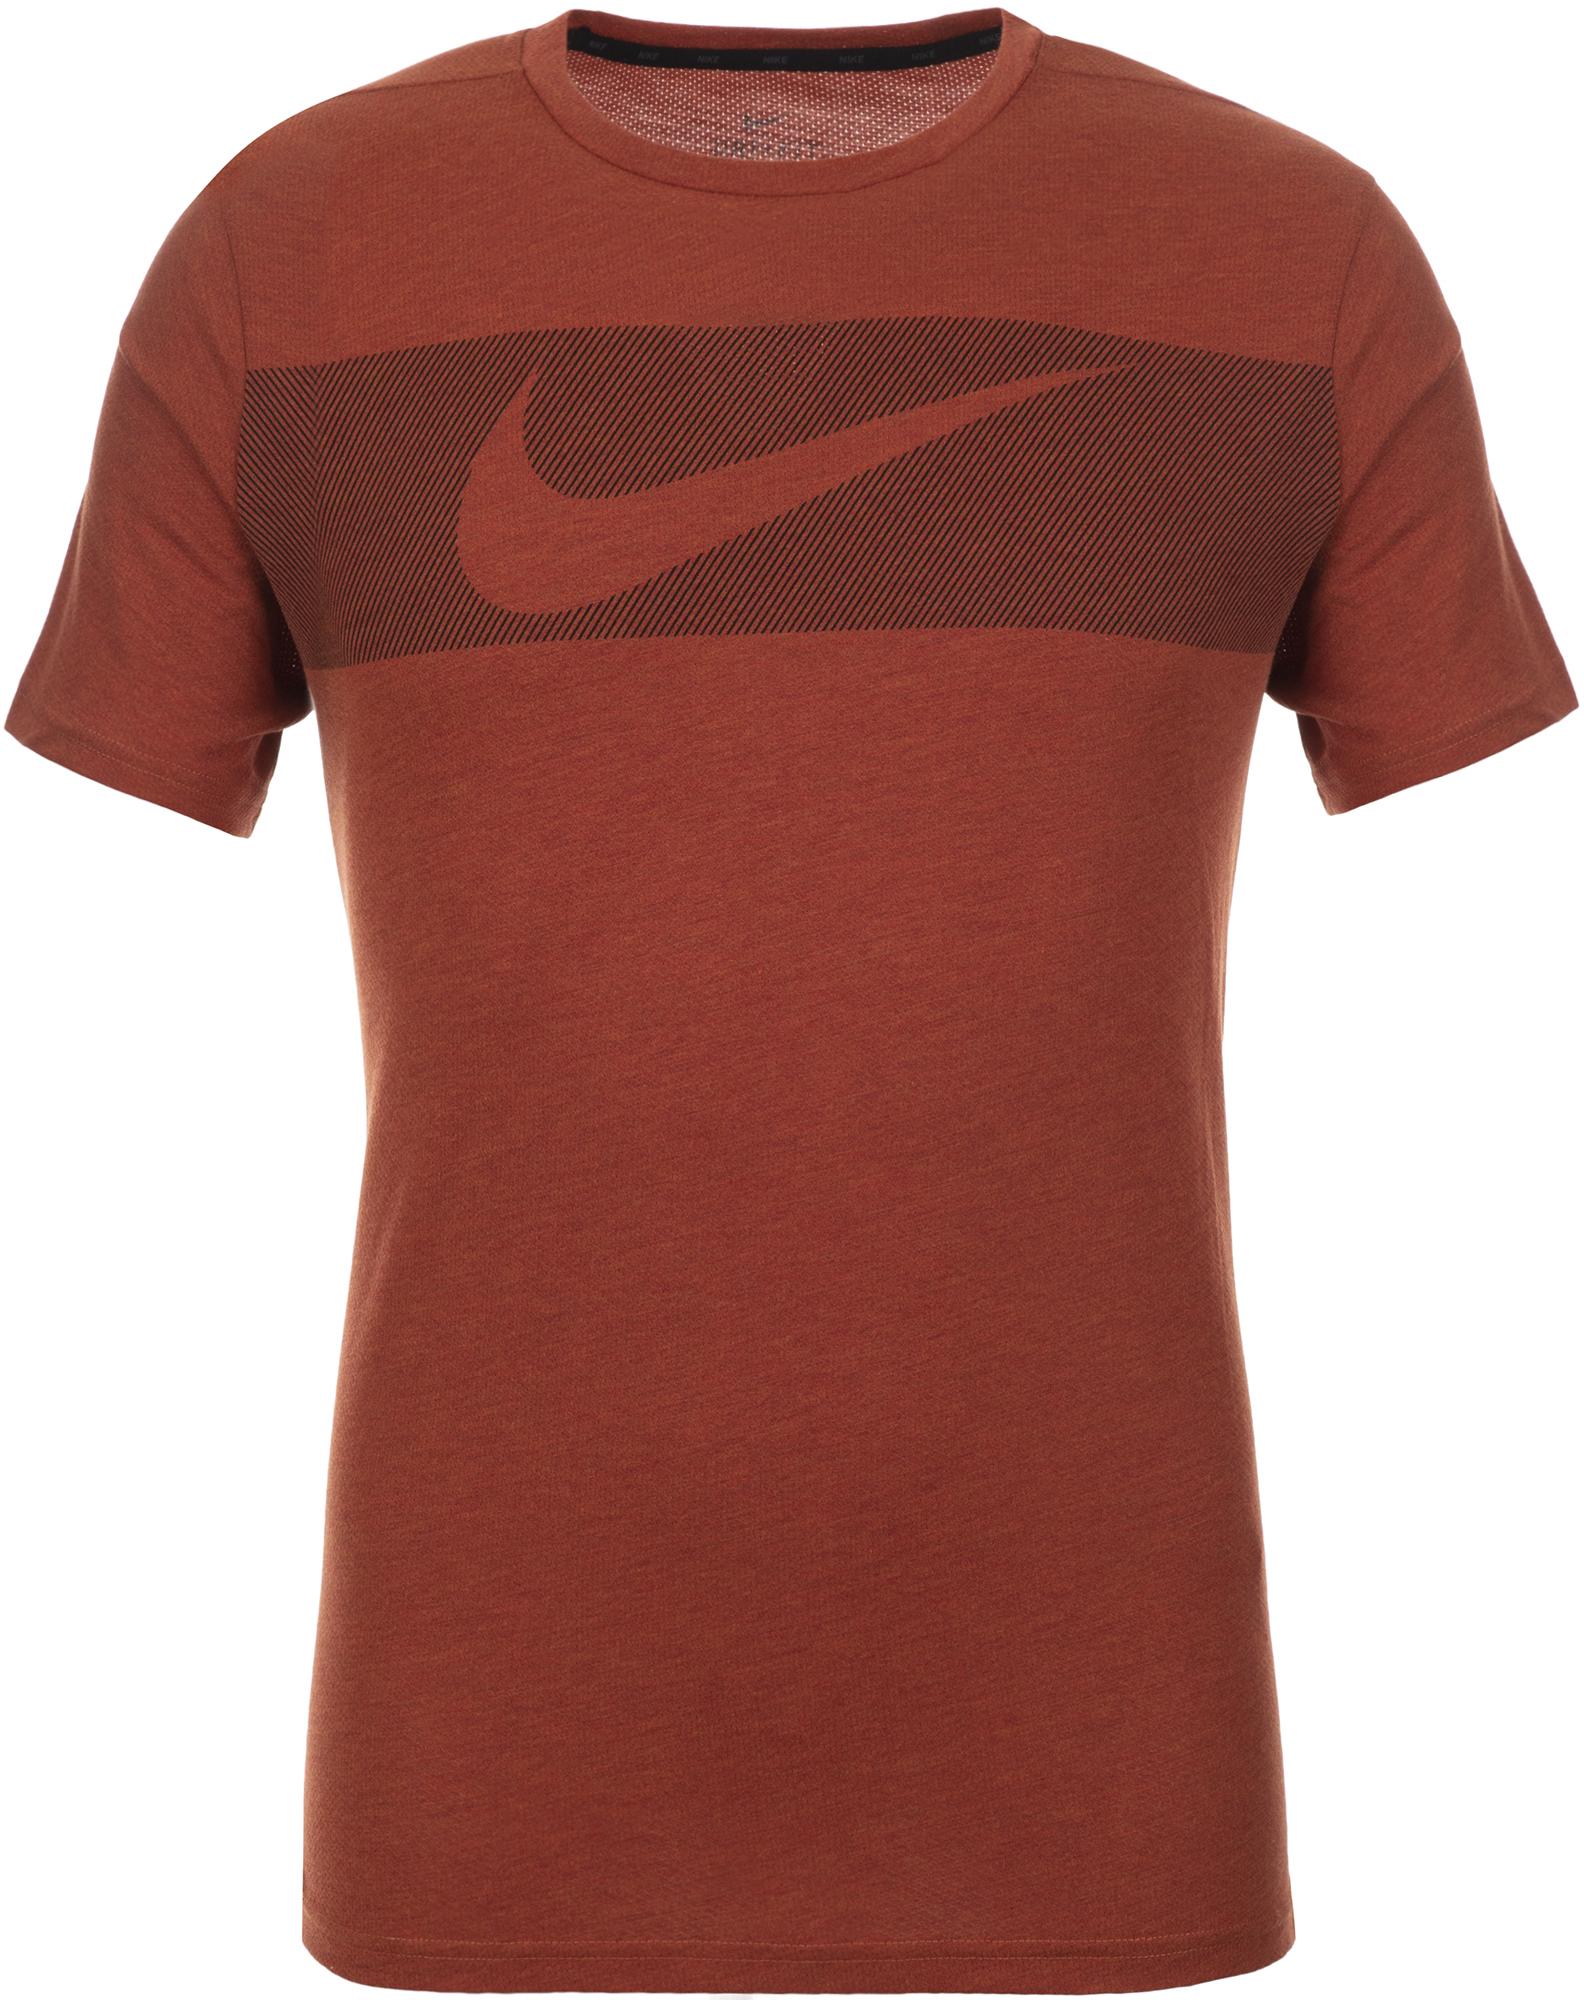 Nike Футболка мужская Nike Breathe, размер 52-54 цена